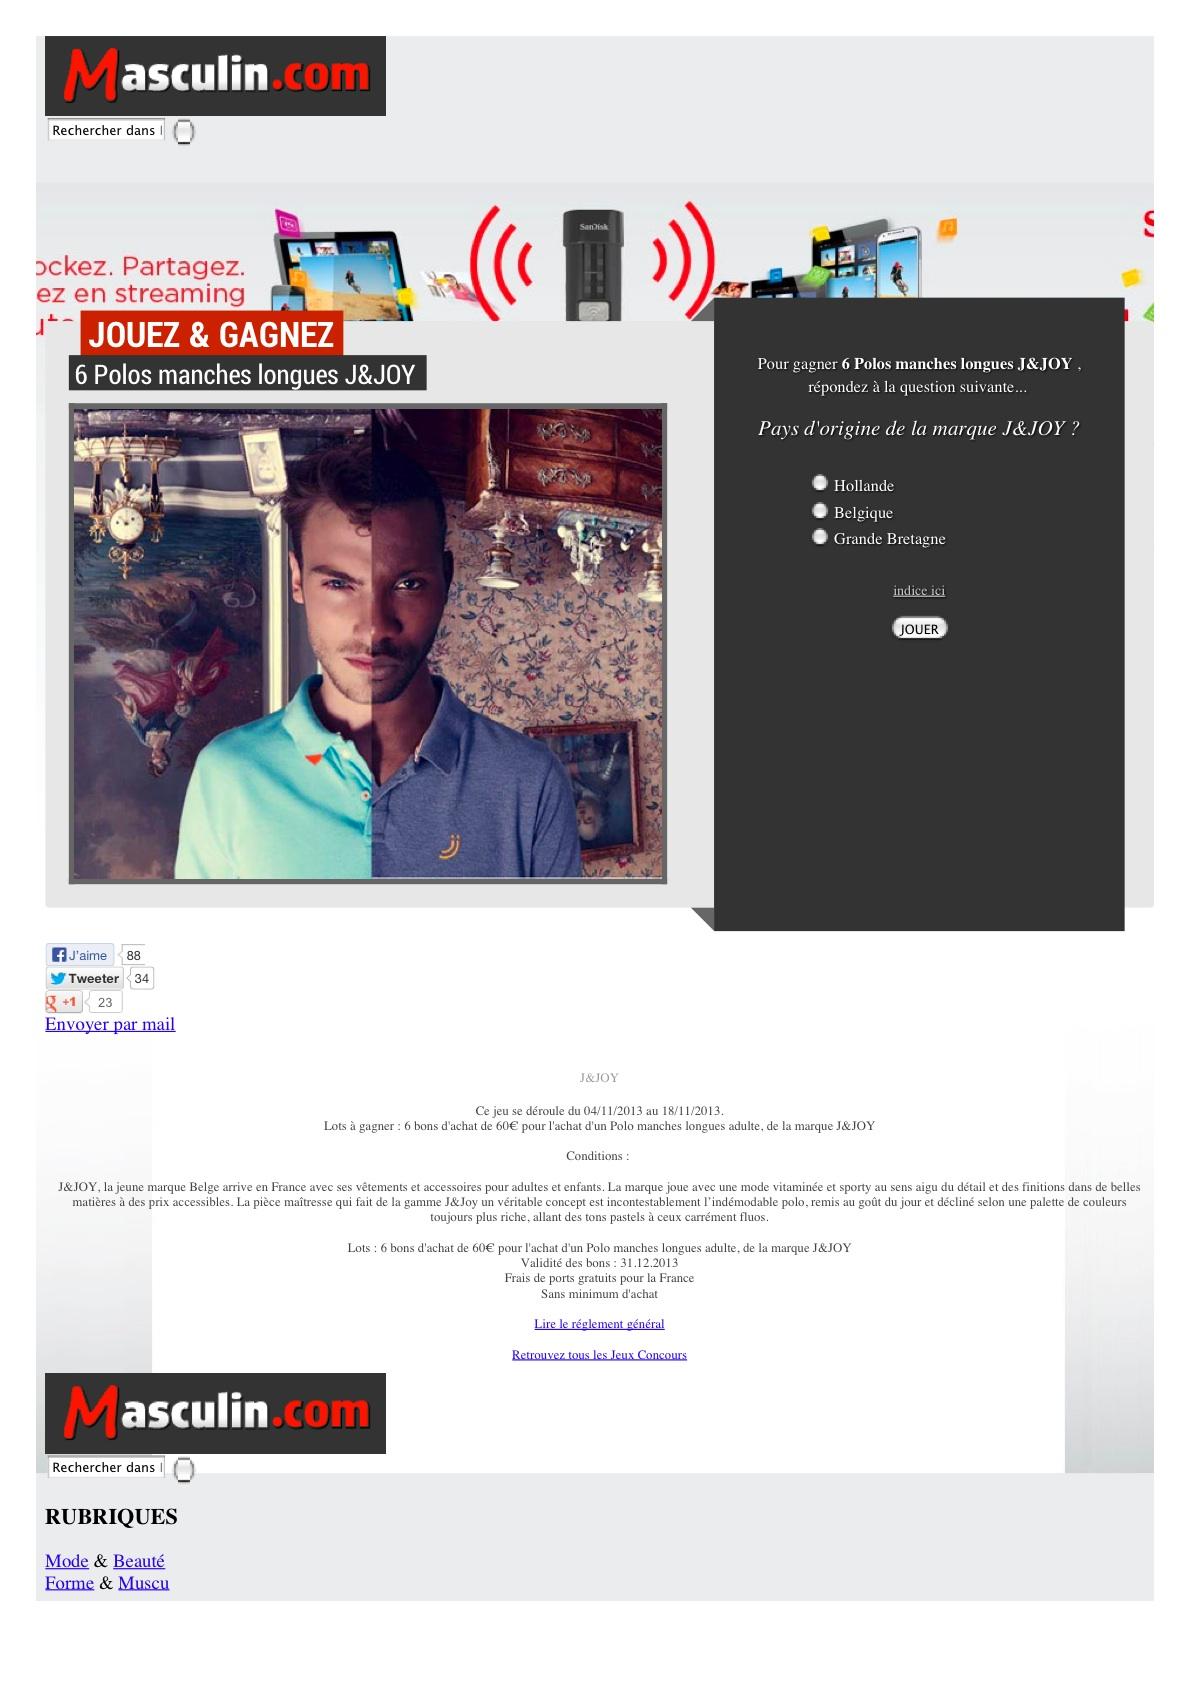 J&JOY-masculin.com-jeux-nov13